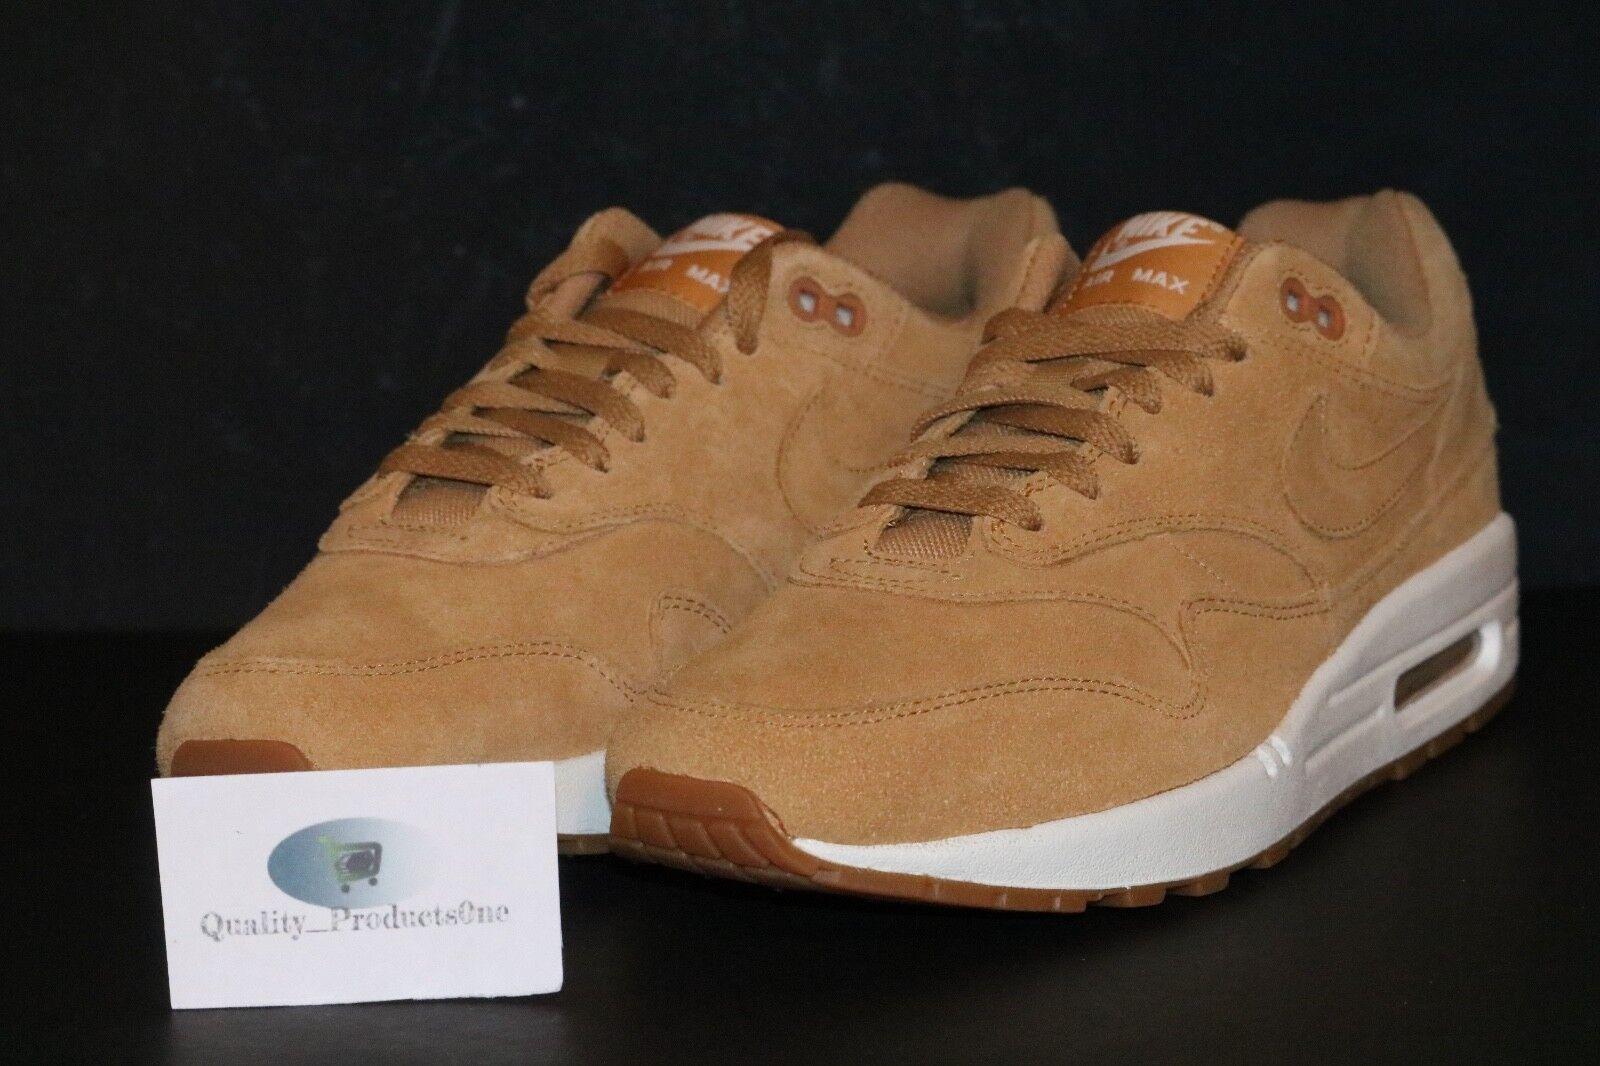 Nike Men's Air Max 1 PRM Premium Flax Sail Gum Brown Wheat 875844 203 Sz 8-9.5